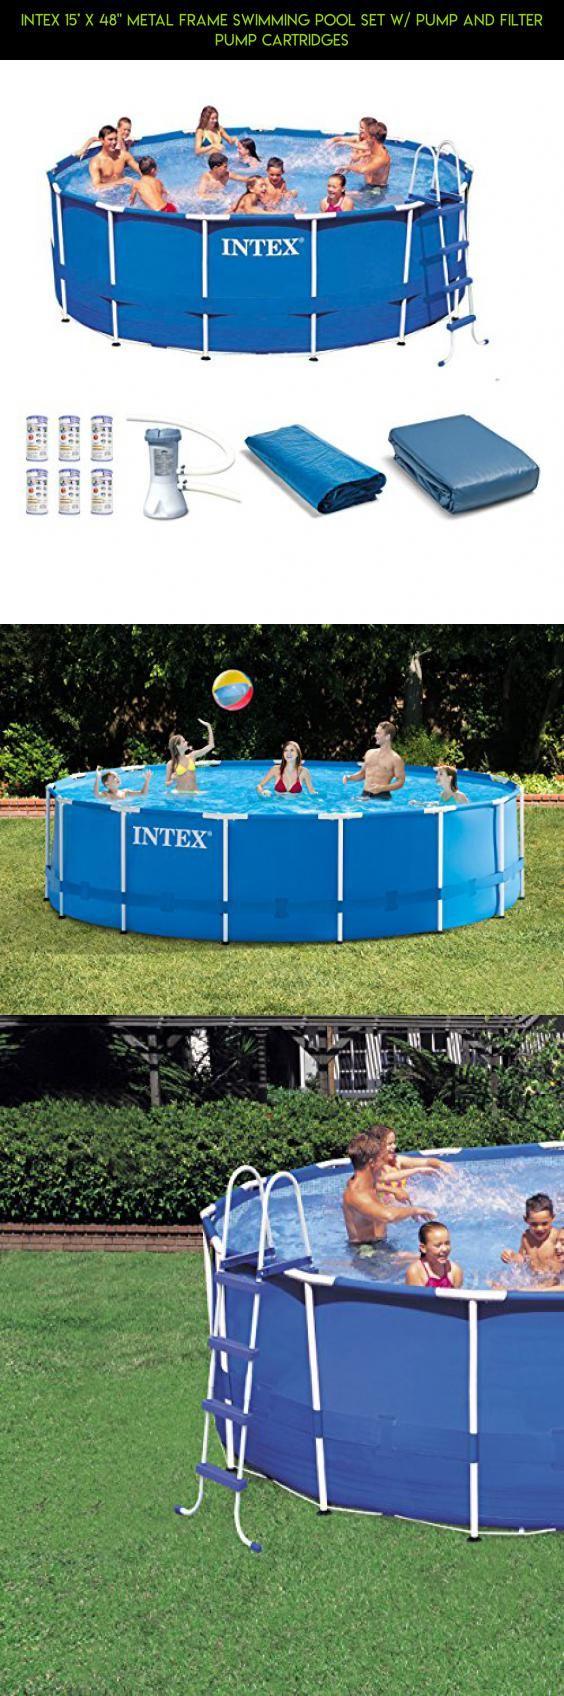 Trend Intex u x Metal Frame Swimming Pool Set w Pump and Filter